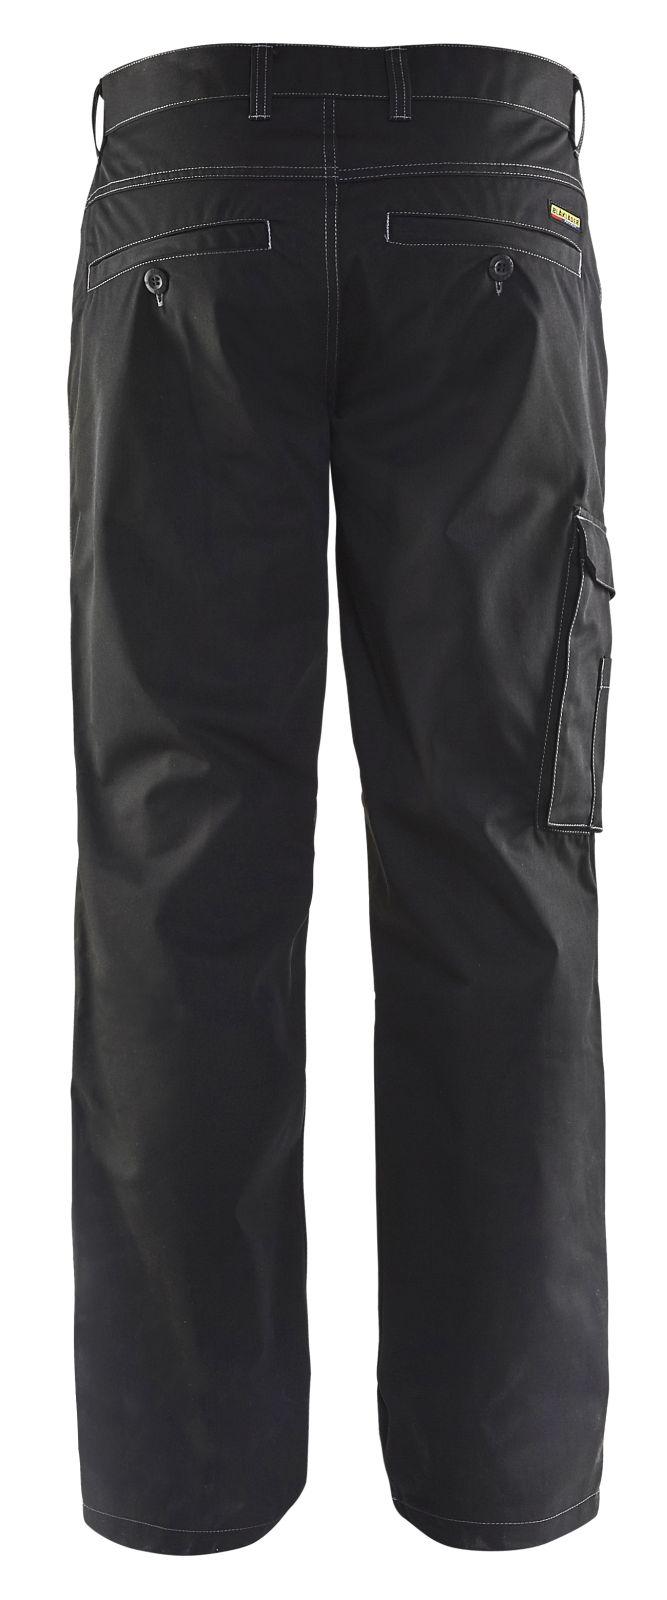 Blaklader Werkbroeken 14901835 zwart(9900)